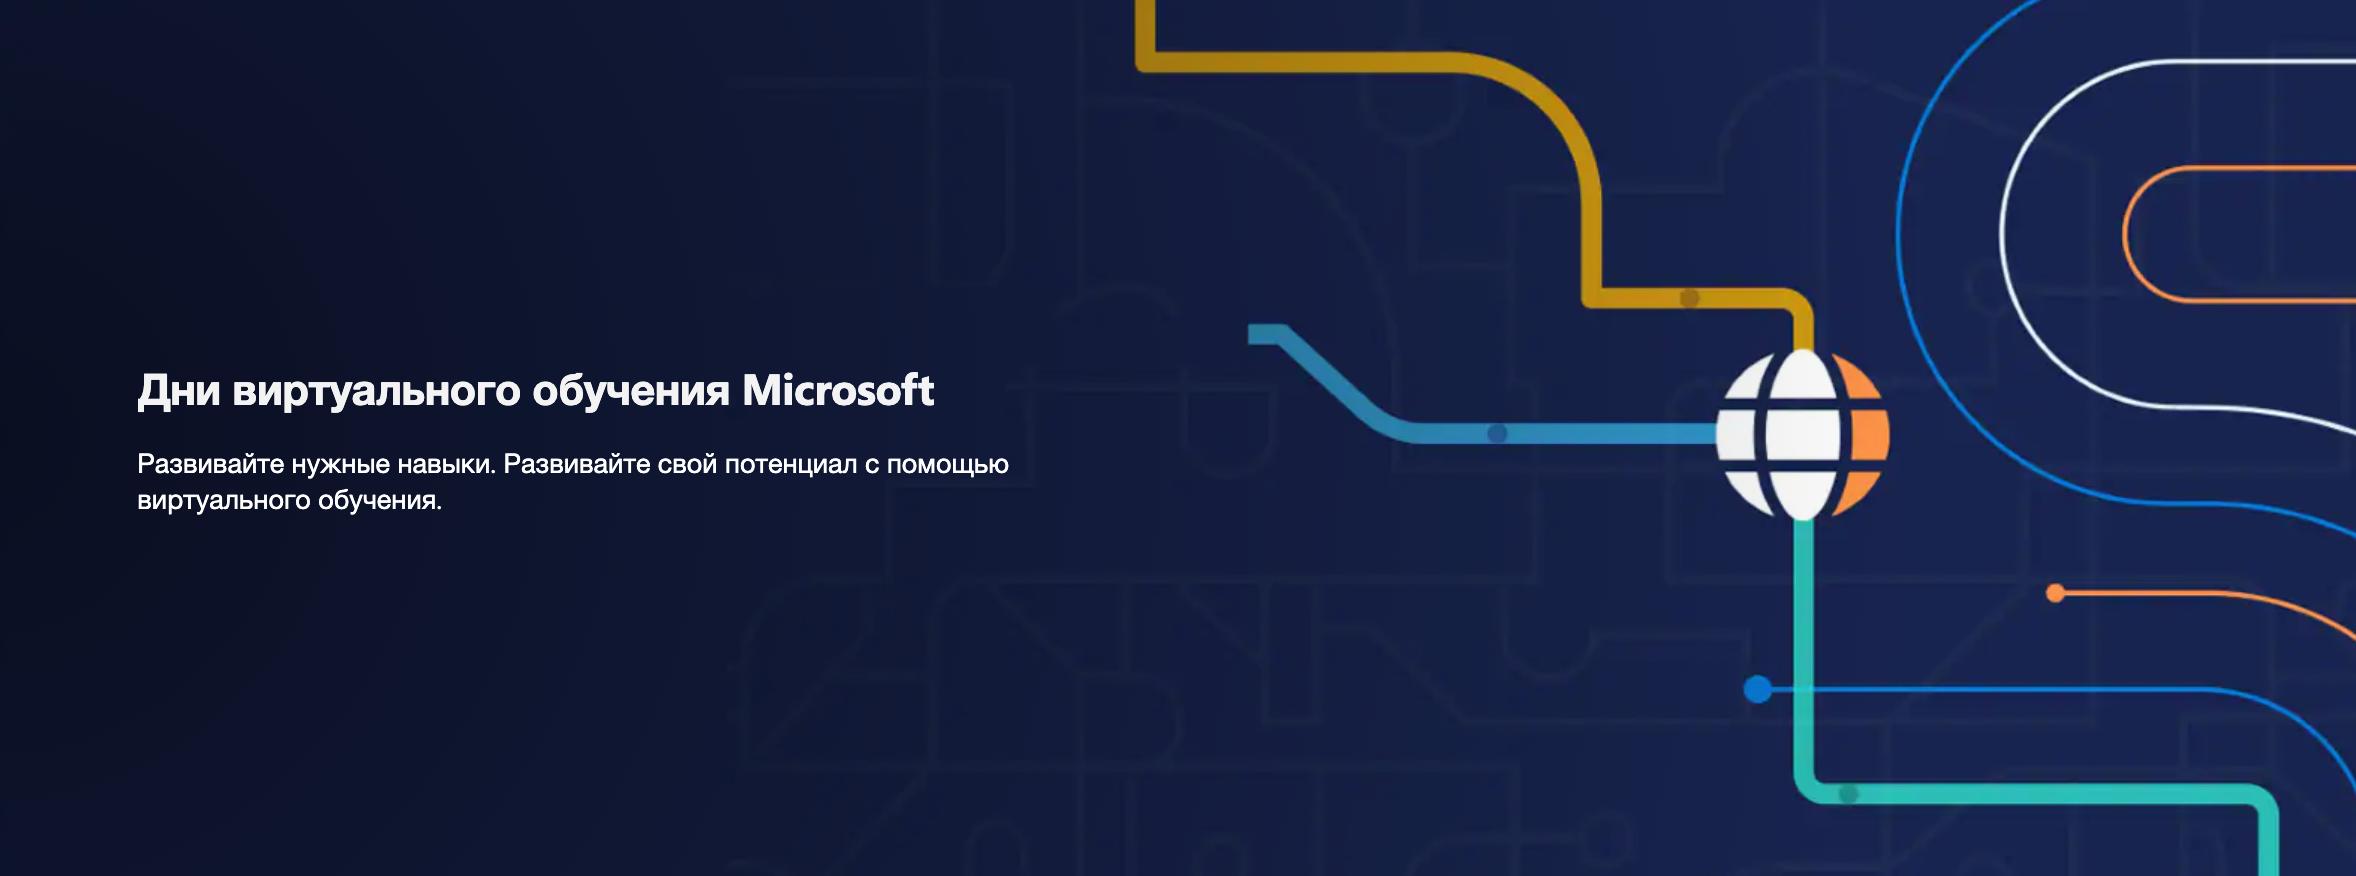 Бесплатные обучающие мероприятия по Microsoft 365 в марте